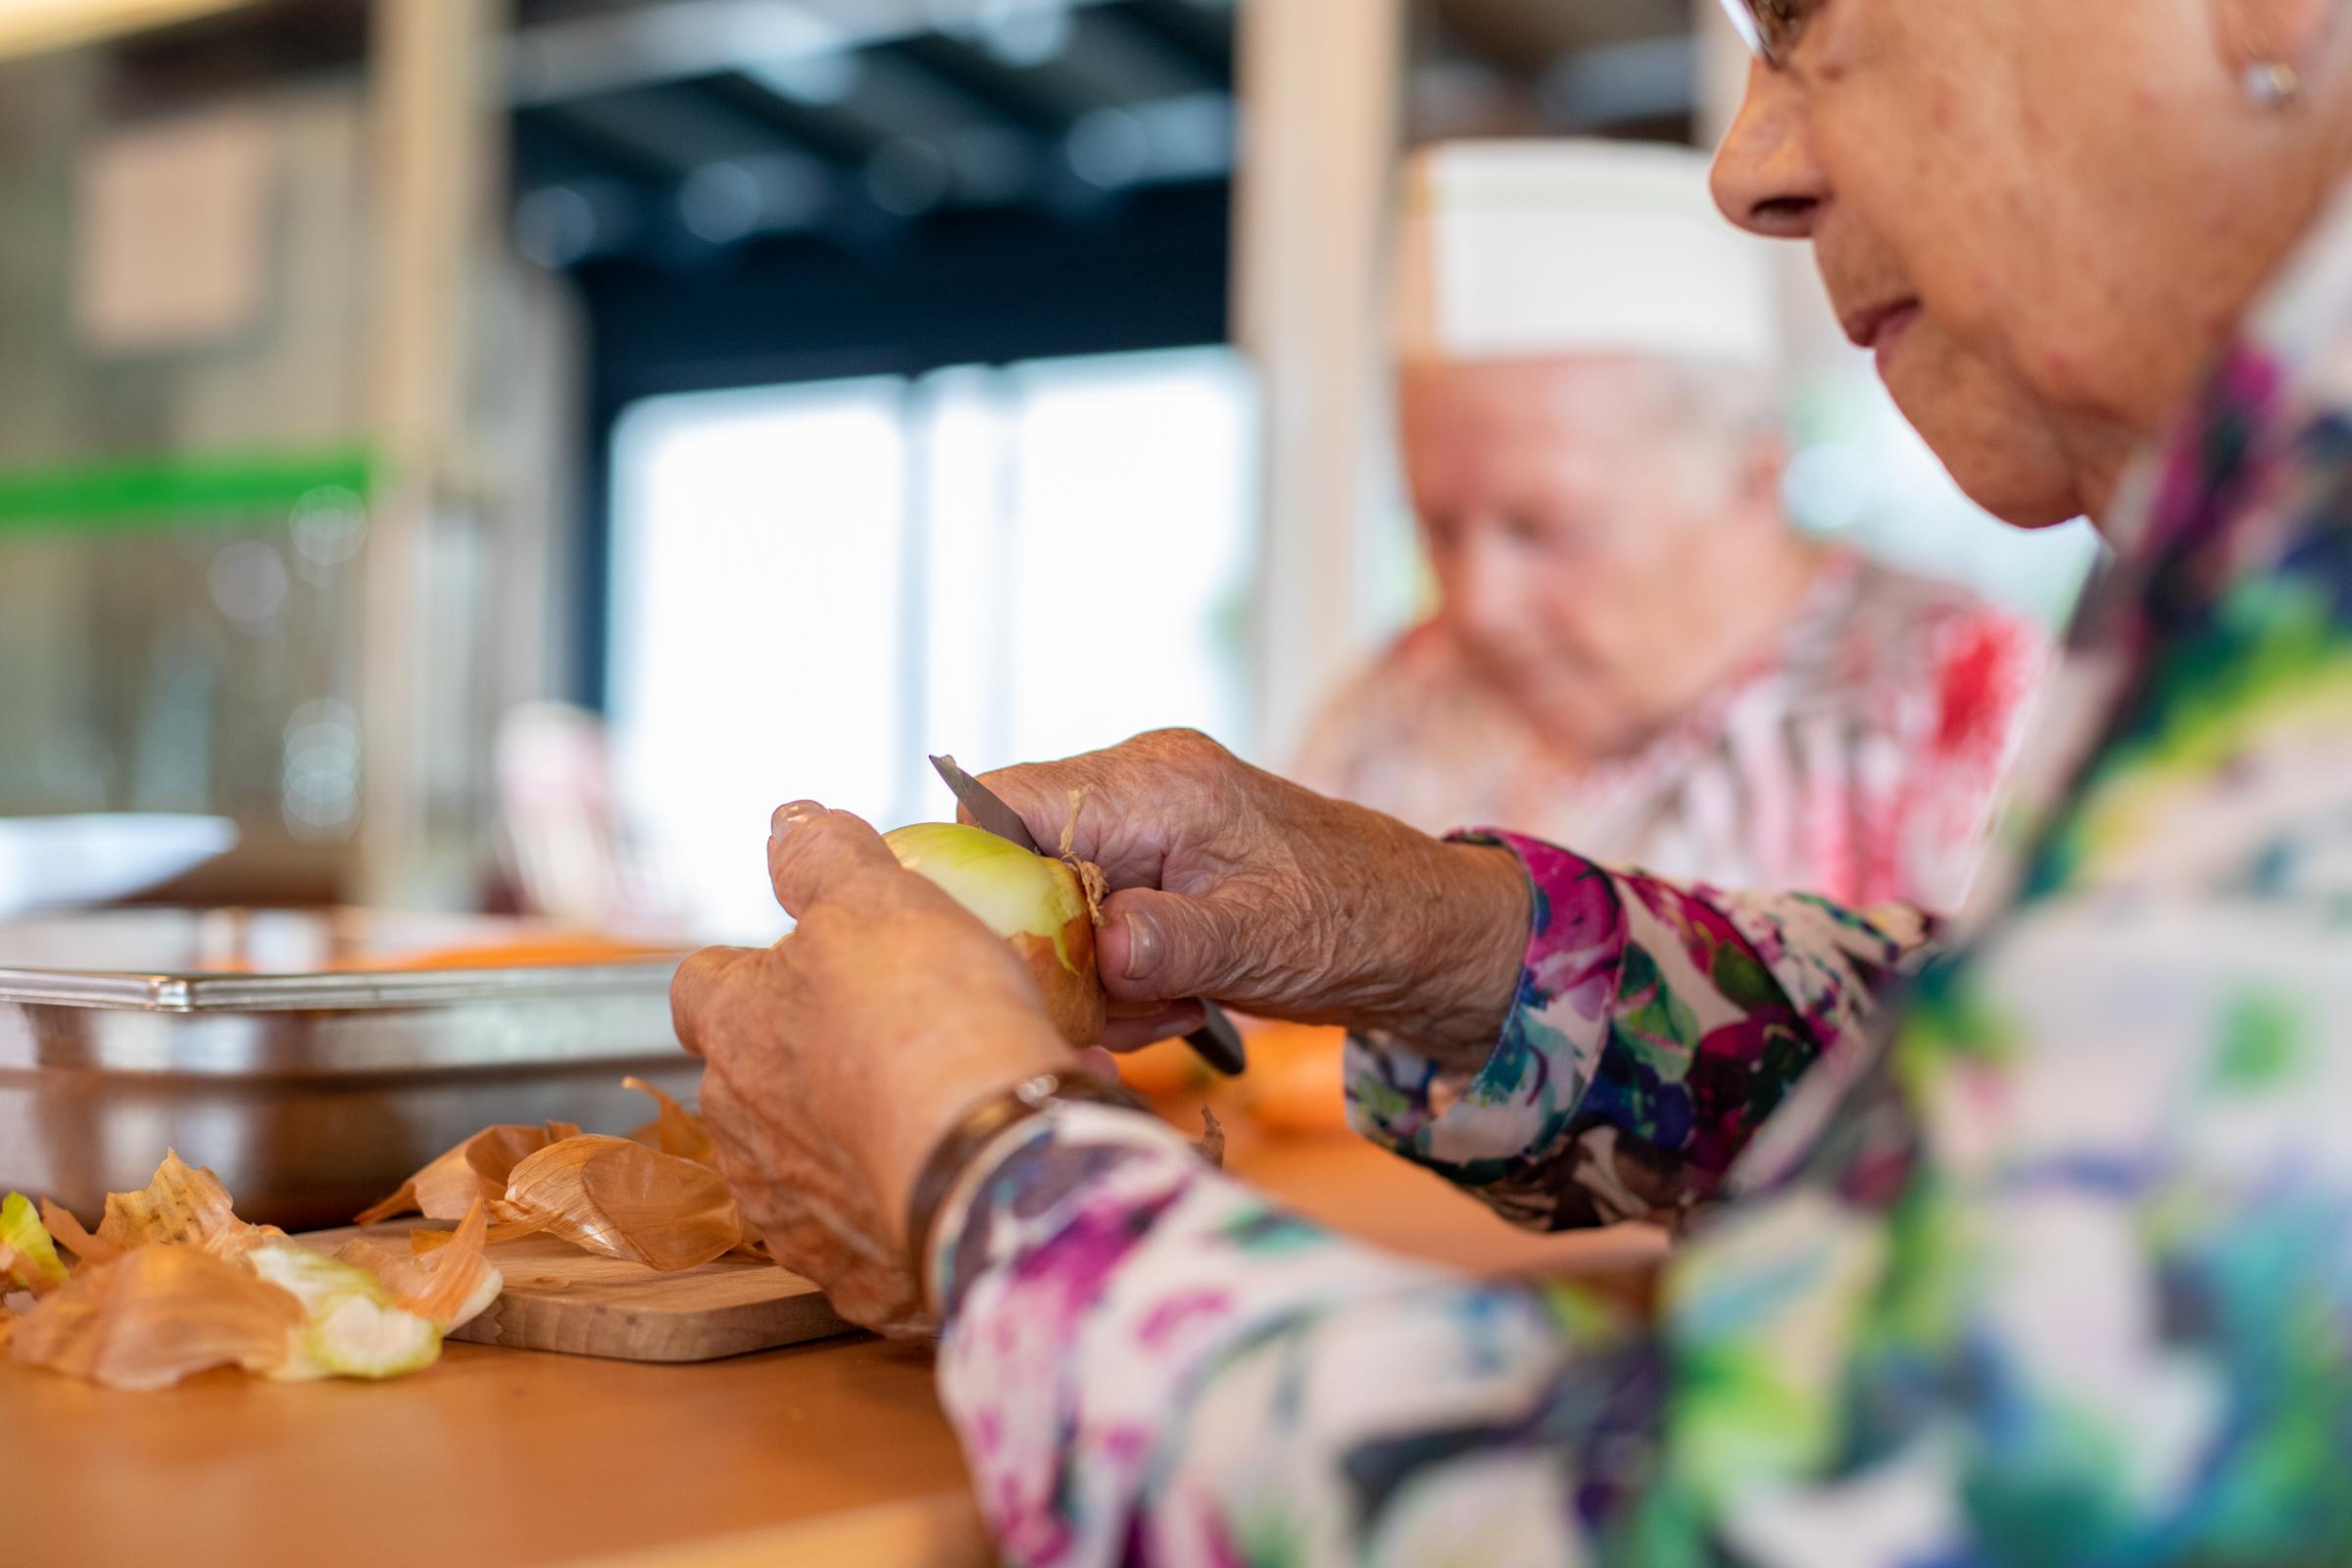 Les résidents de la Résidence la Courtine coupent les oignons pour le dîner